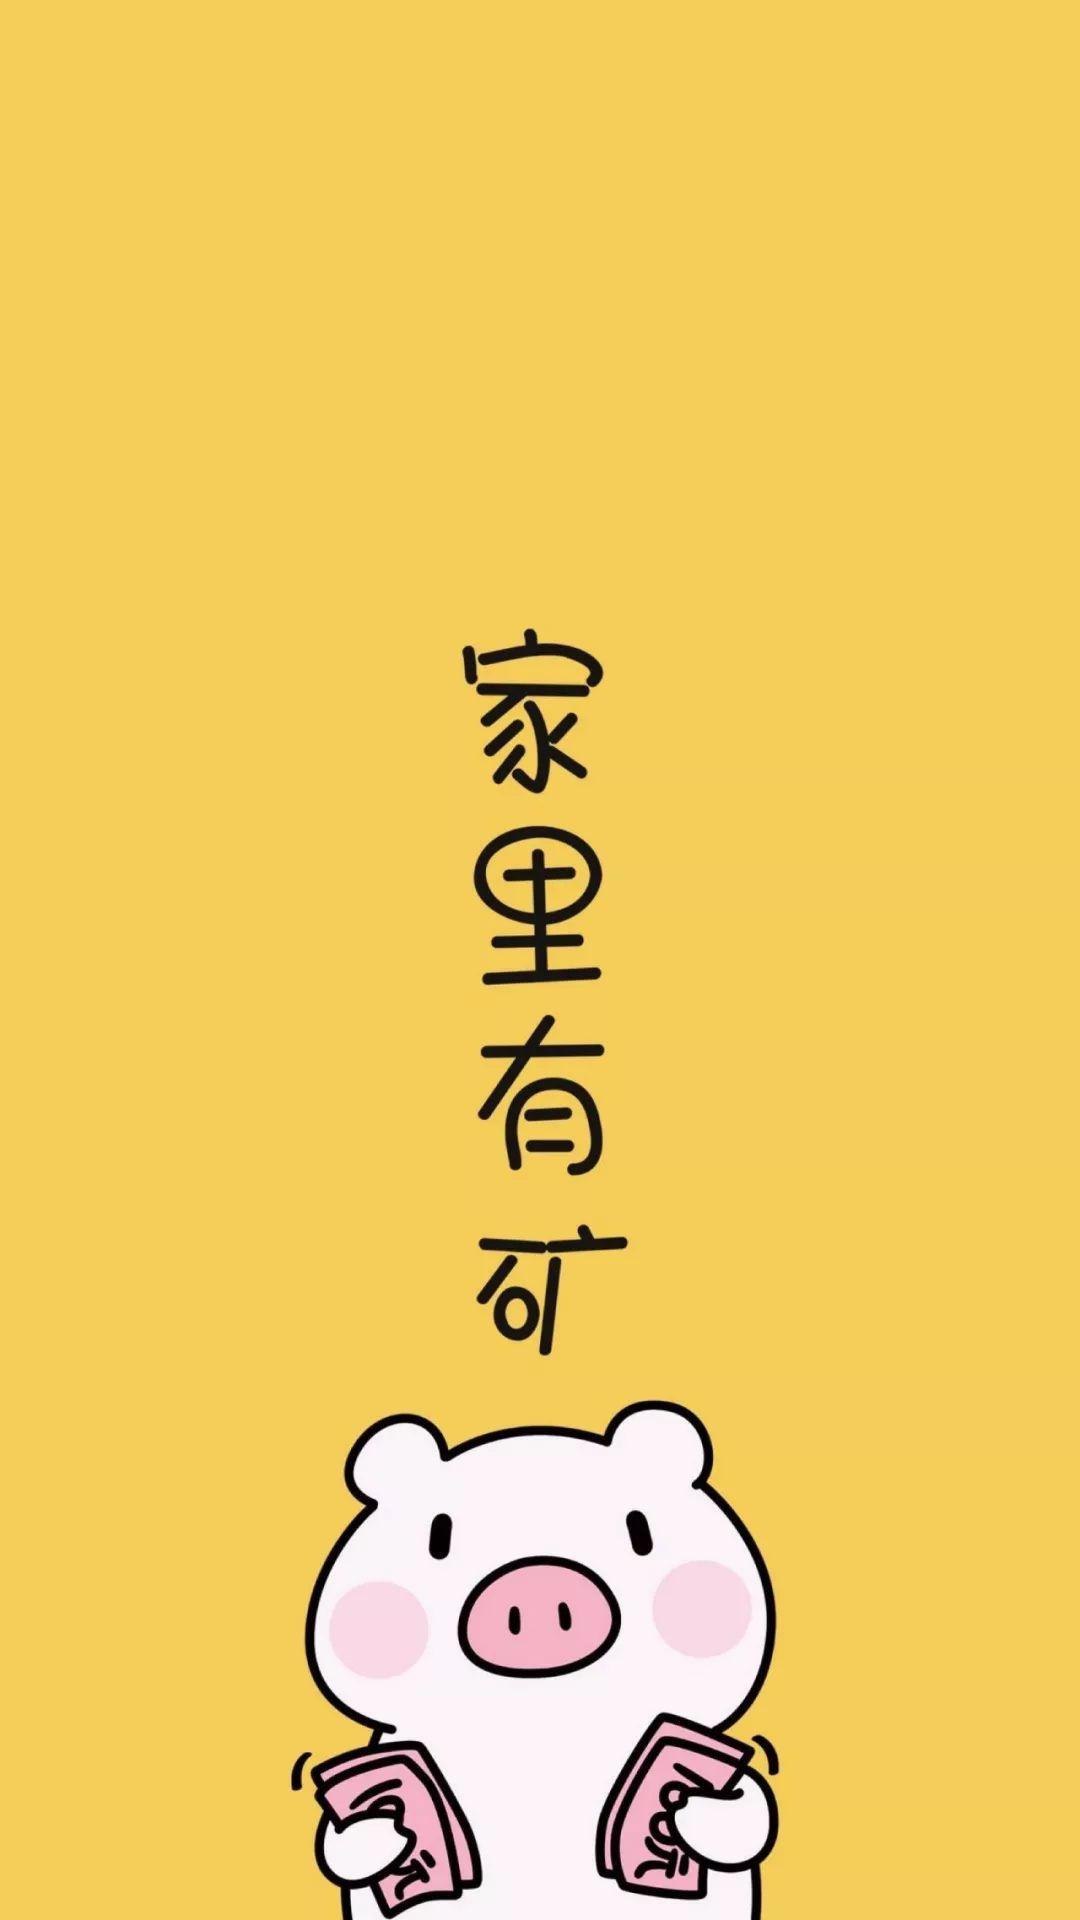 阿U第六季之神奇萝卜2 第1集动漫_手机乐视视频